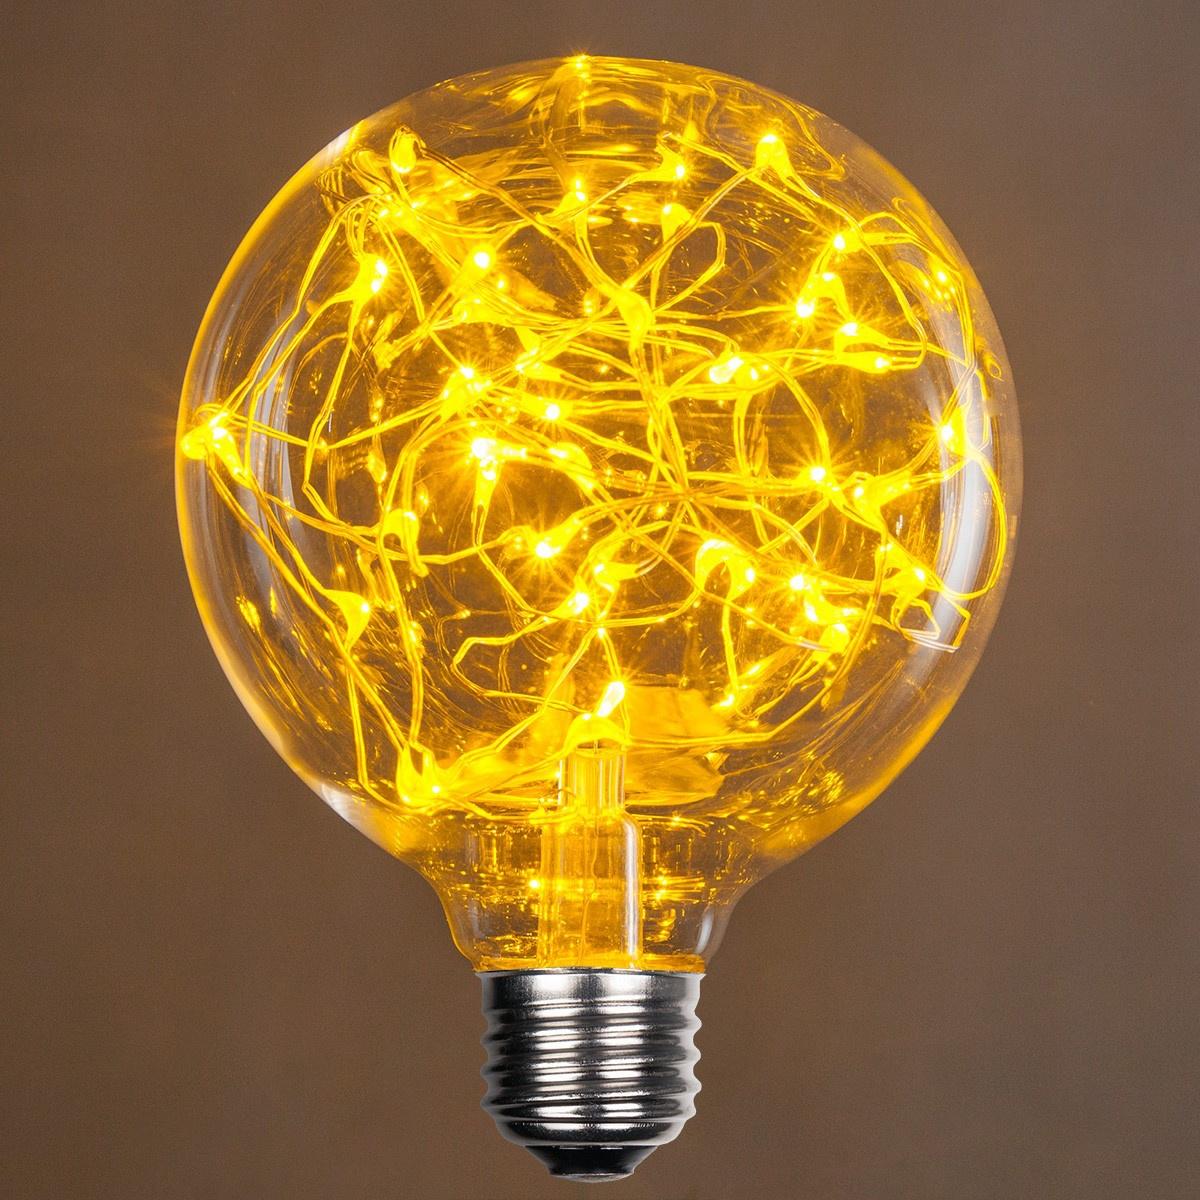 G95 Gold Ledimagine Tm Fairy Light Bulb